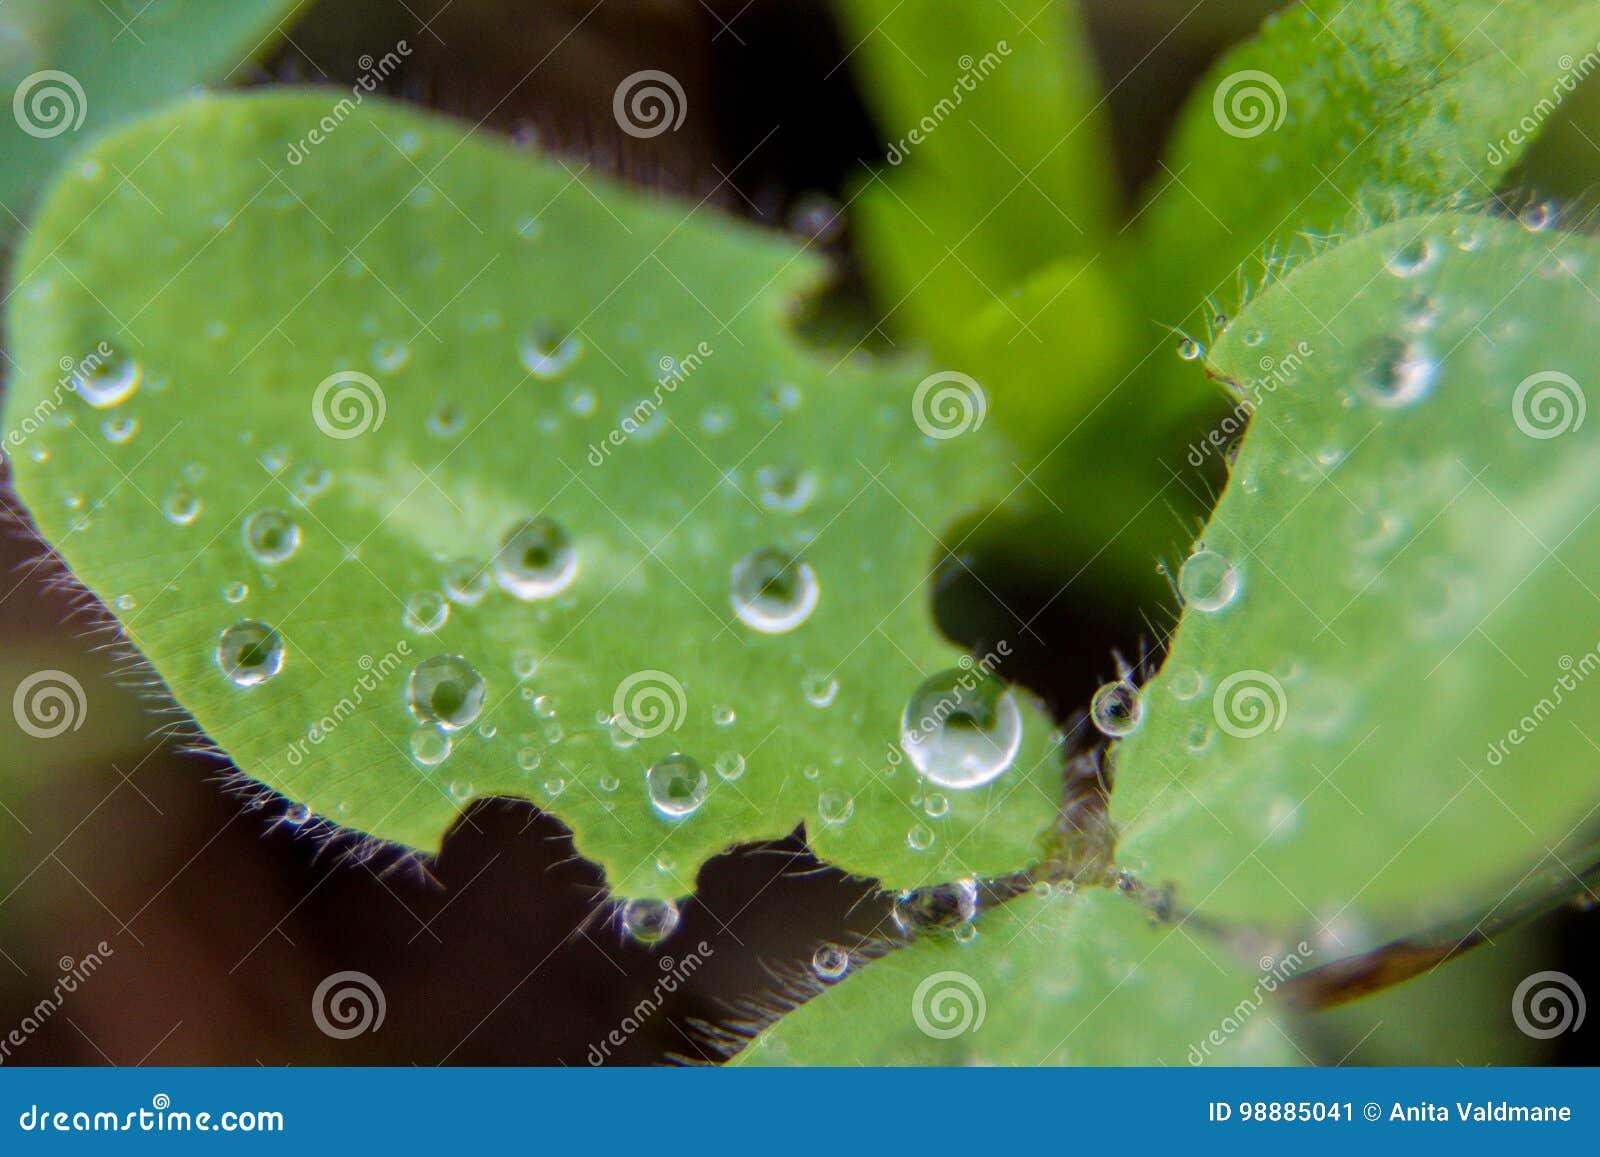 Fiore verde in acqua con le bolle